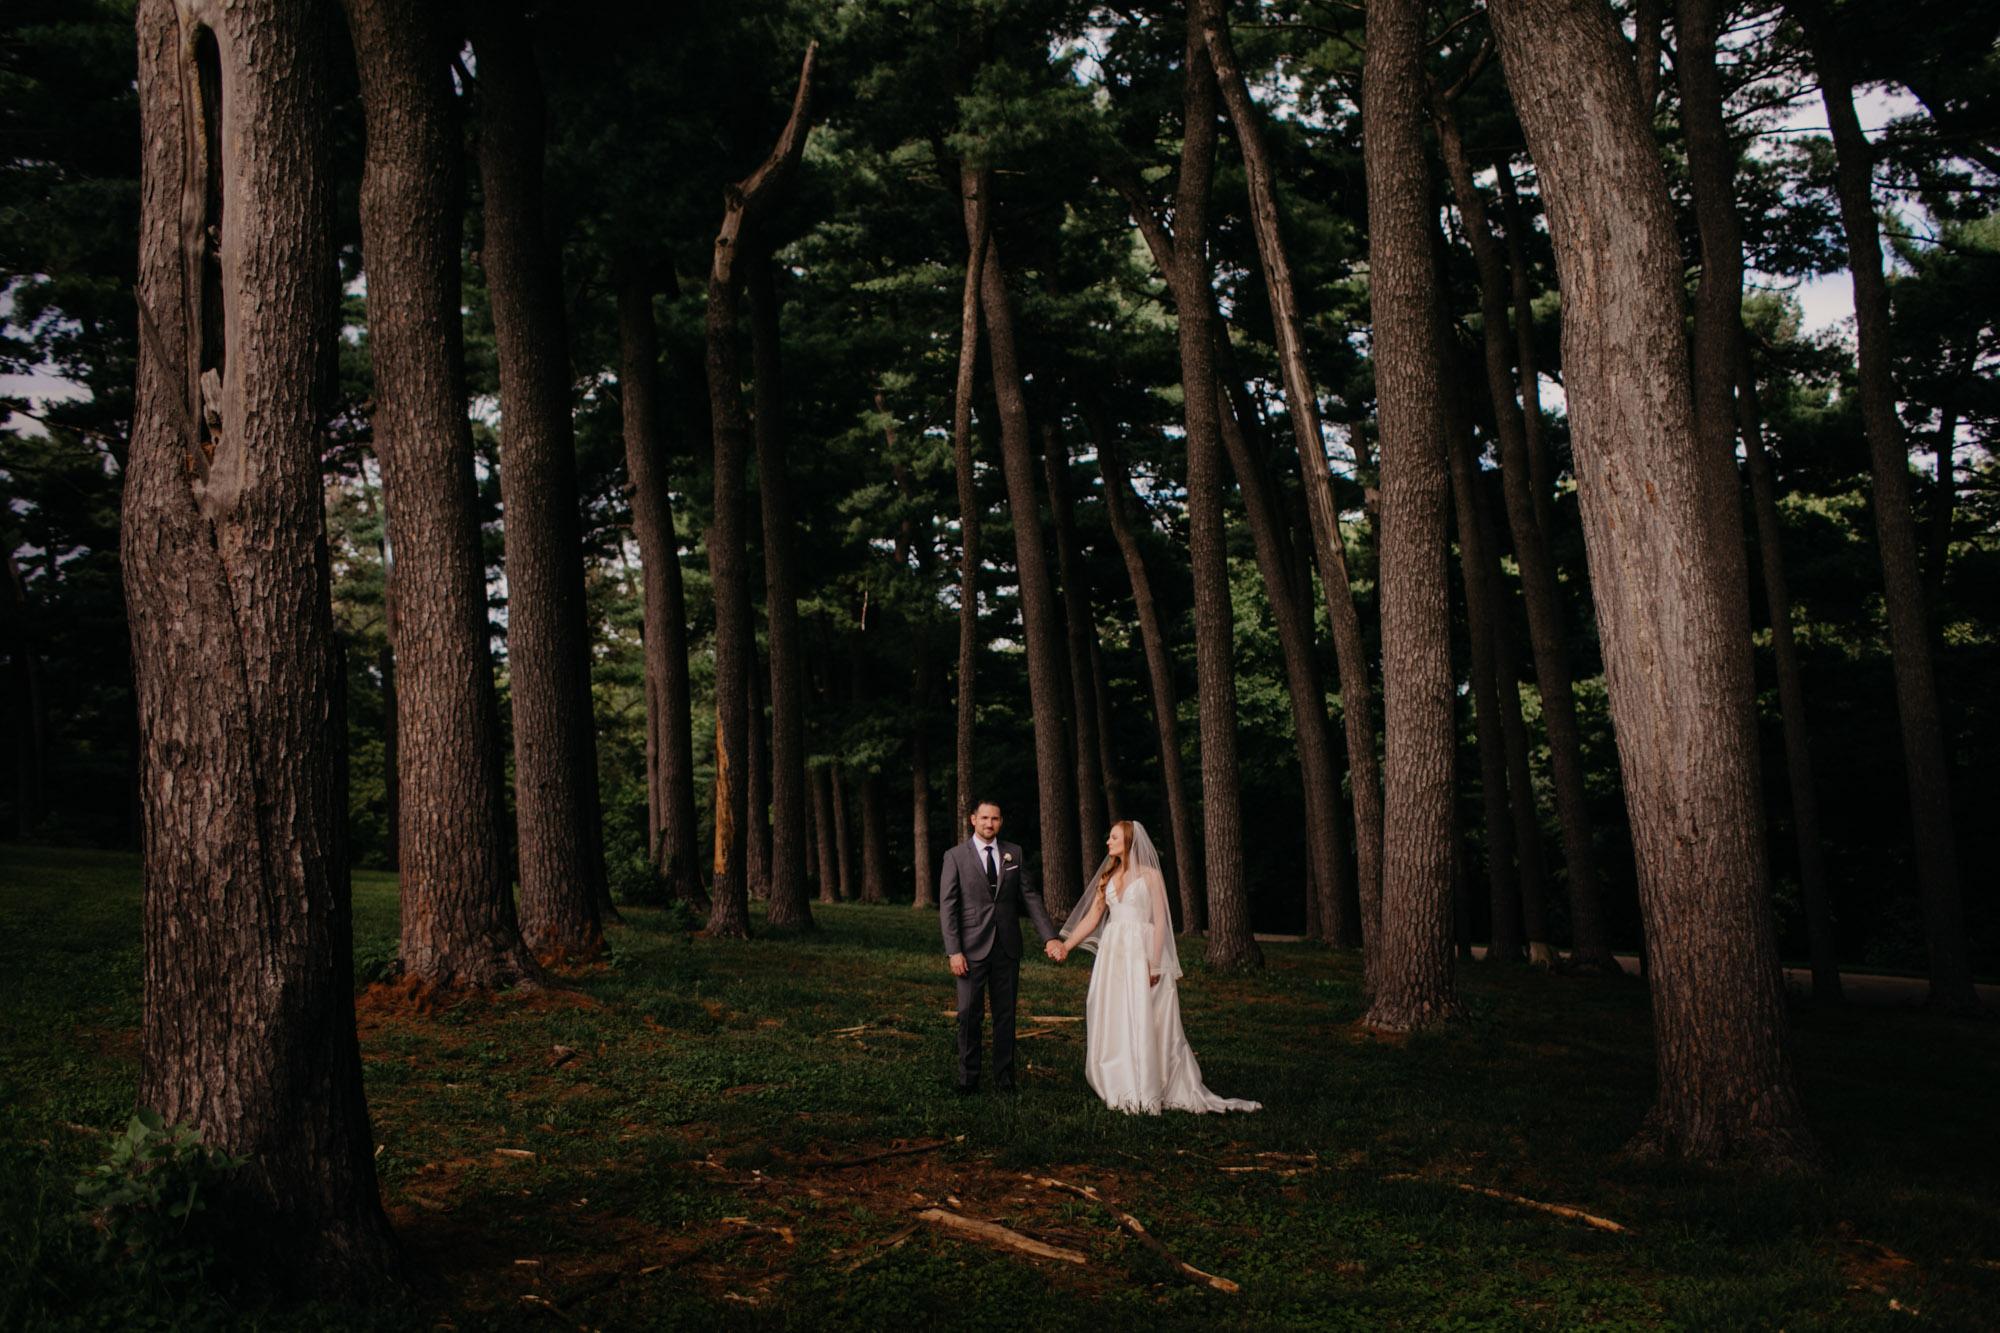 elmwood-park-wedding-photographer-nicole-jon-15.jpg